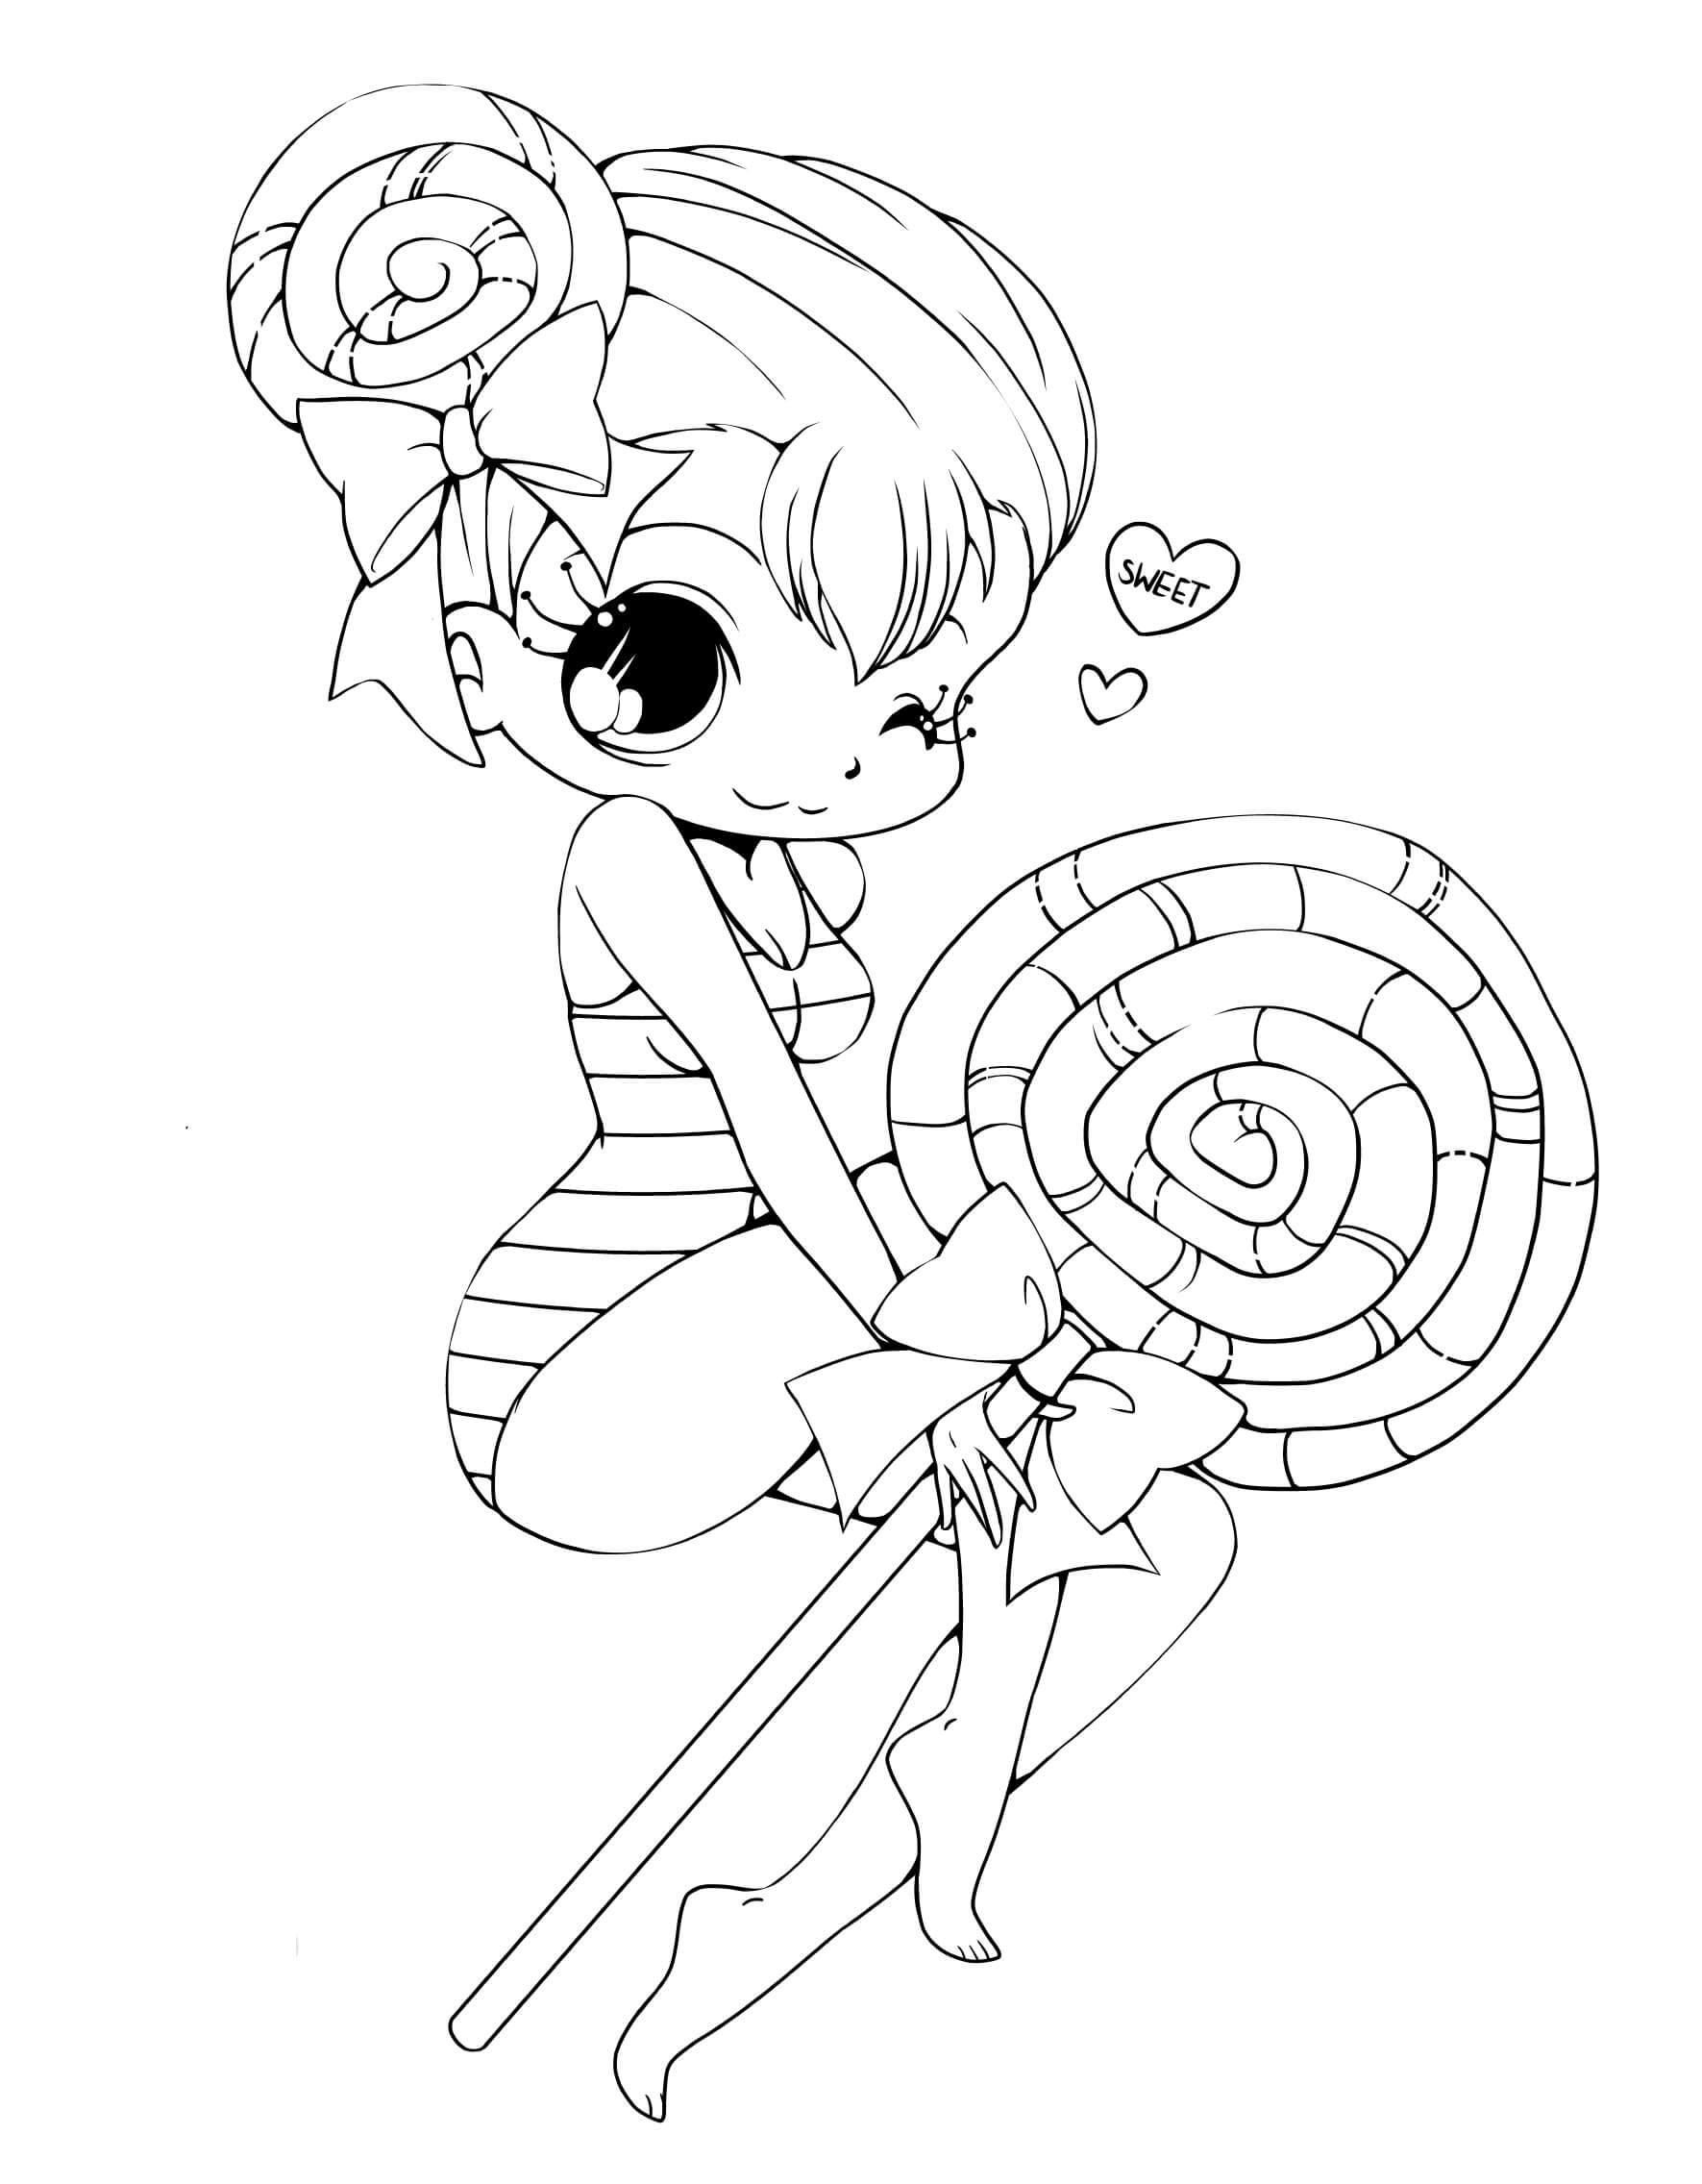 Tranh tô màu bé gái và cây kẹo